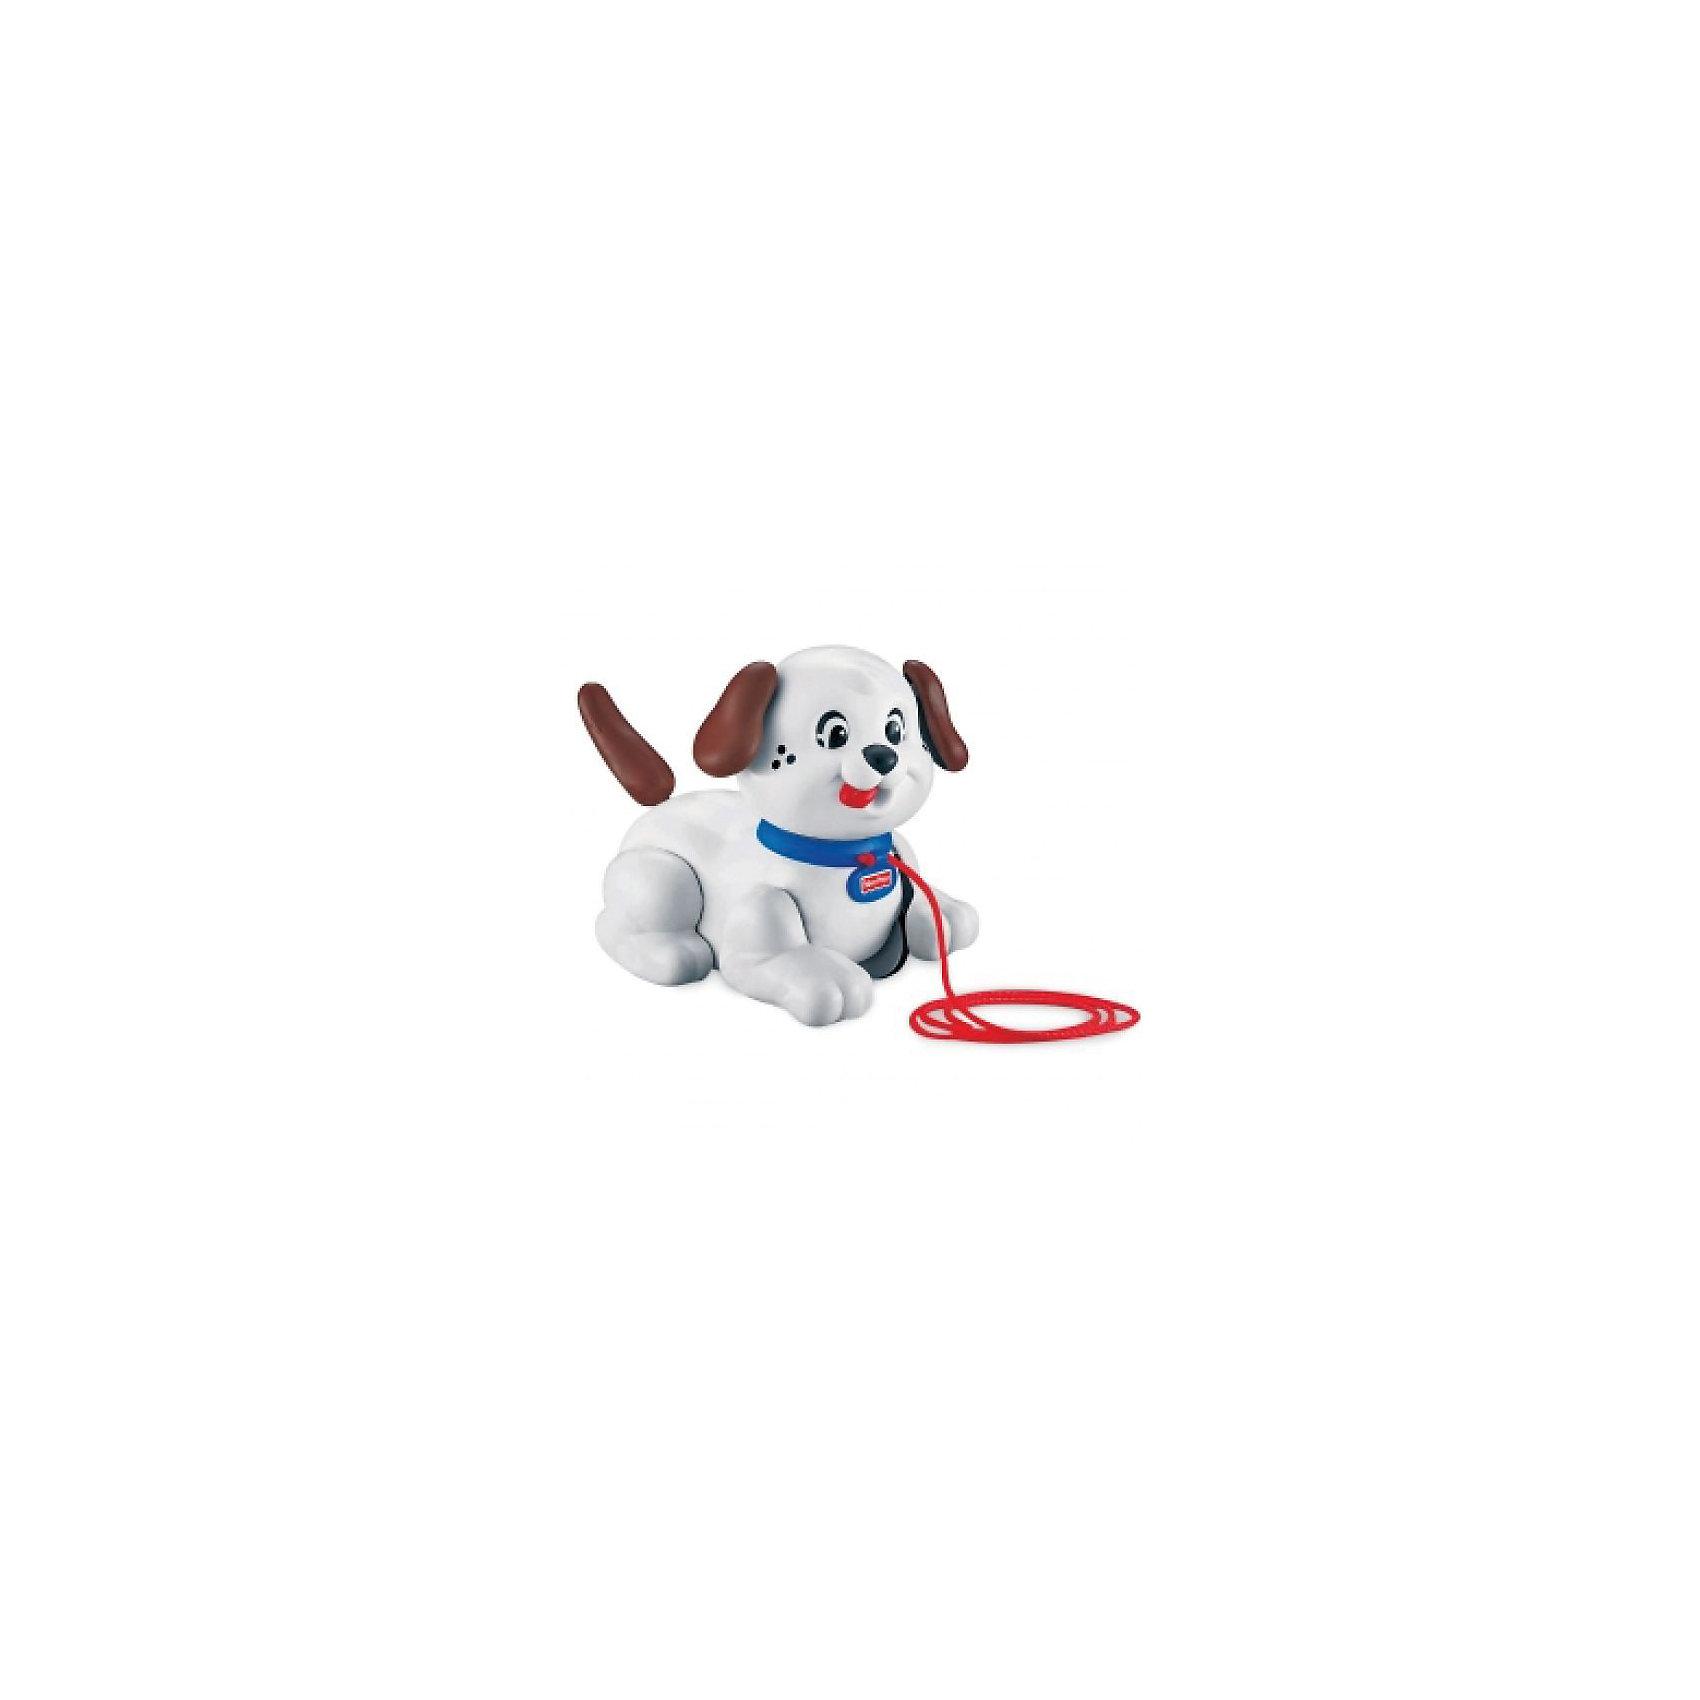 Fisher-Price Маленький Снупи,в ассортиментеFisher-Price Маленький Снупи: этот очаровательный щенок - милая и симпатичная игрушка-каталка для вашего ребенка. <br><br>Ребенок тянет игрушку за веревочку, а щенок Снупи поворачивает голову, покачивает ушками, трясет хвостиком и потявкивает.<br><br>На колесах имеются ребристые резиновые накладки для лучшего сцепления с поверхностью и бесшумной езды. <br><br>Дополнительная информация:<br><br>- Материал: высококачественная пластмасса.<br>- Размер игрушки: 17х12х16h см.<br>- Длина веревочки: 60 см.<br>- Размер упаковки 20х12х19 см.<br>- Вес с упаковкой 0,4 кг. <br>- Возраст от 1 года.<br><br>Маленькая собачка Снупи станет настоящим другом для Вашего ребенка. Игрушка стимулирует малыша к активным действиям и движению.<br><br>Ширина мм: 200<br>Глубина мм: 190<br>Высота мм: 120<br>Вес г: 1140<br>Возраст от месяцев: 12<br>Возраст до месяцев: 36<br>Пол: Унисекс<br>Возраст: Детский<br>SKU: 2499737